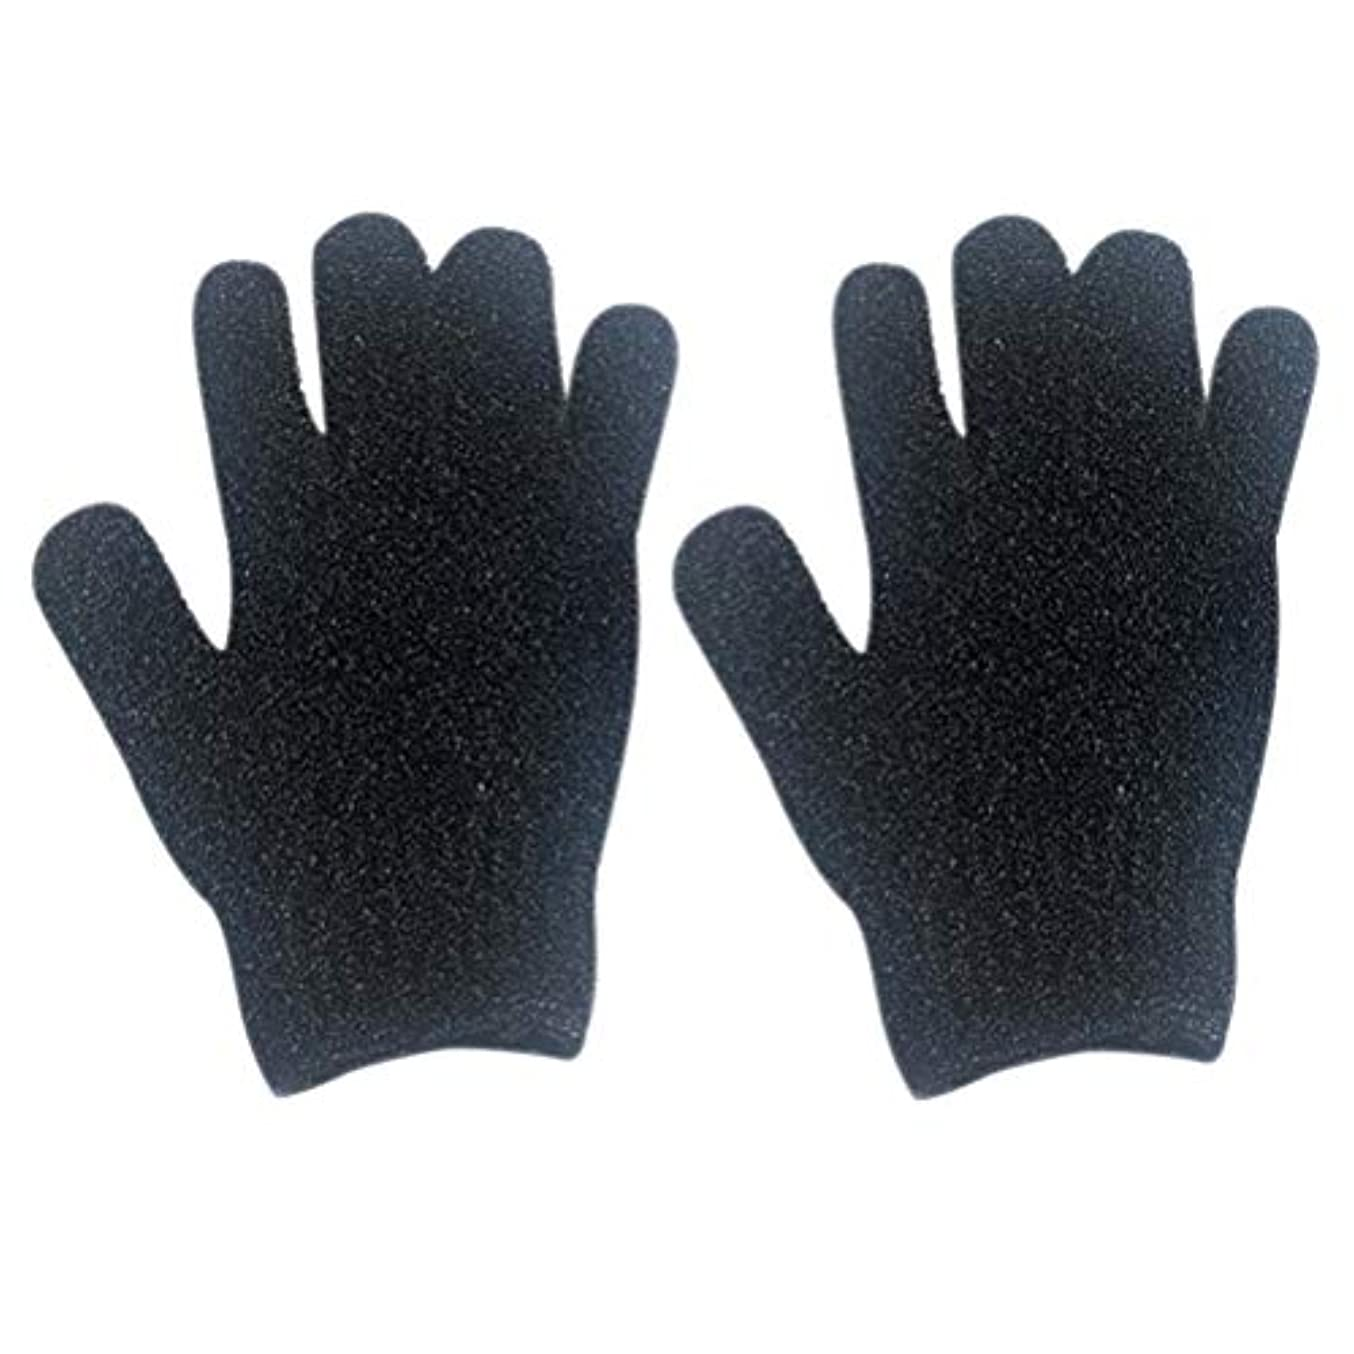 忘れっぽい腐敗望ましいHealifty エクスフォリエイティンググローブラビング手袋エクスフォリエーター手袋入浴スパ2本